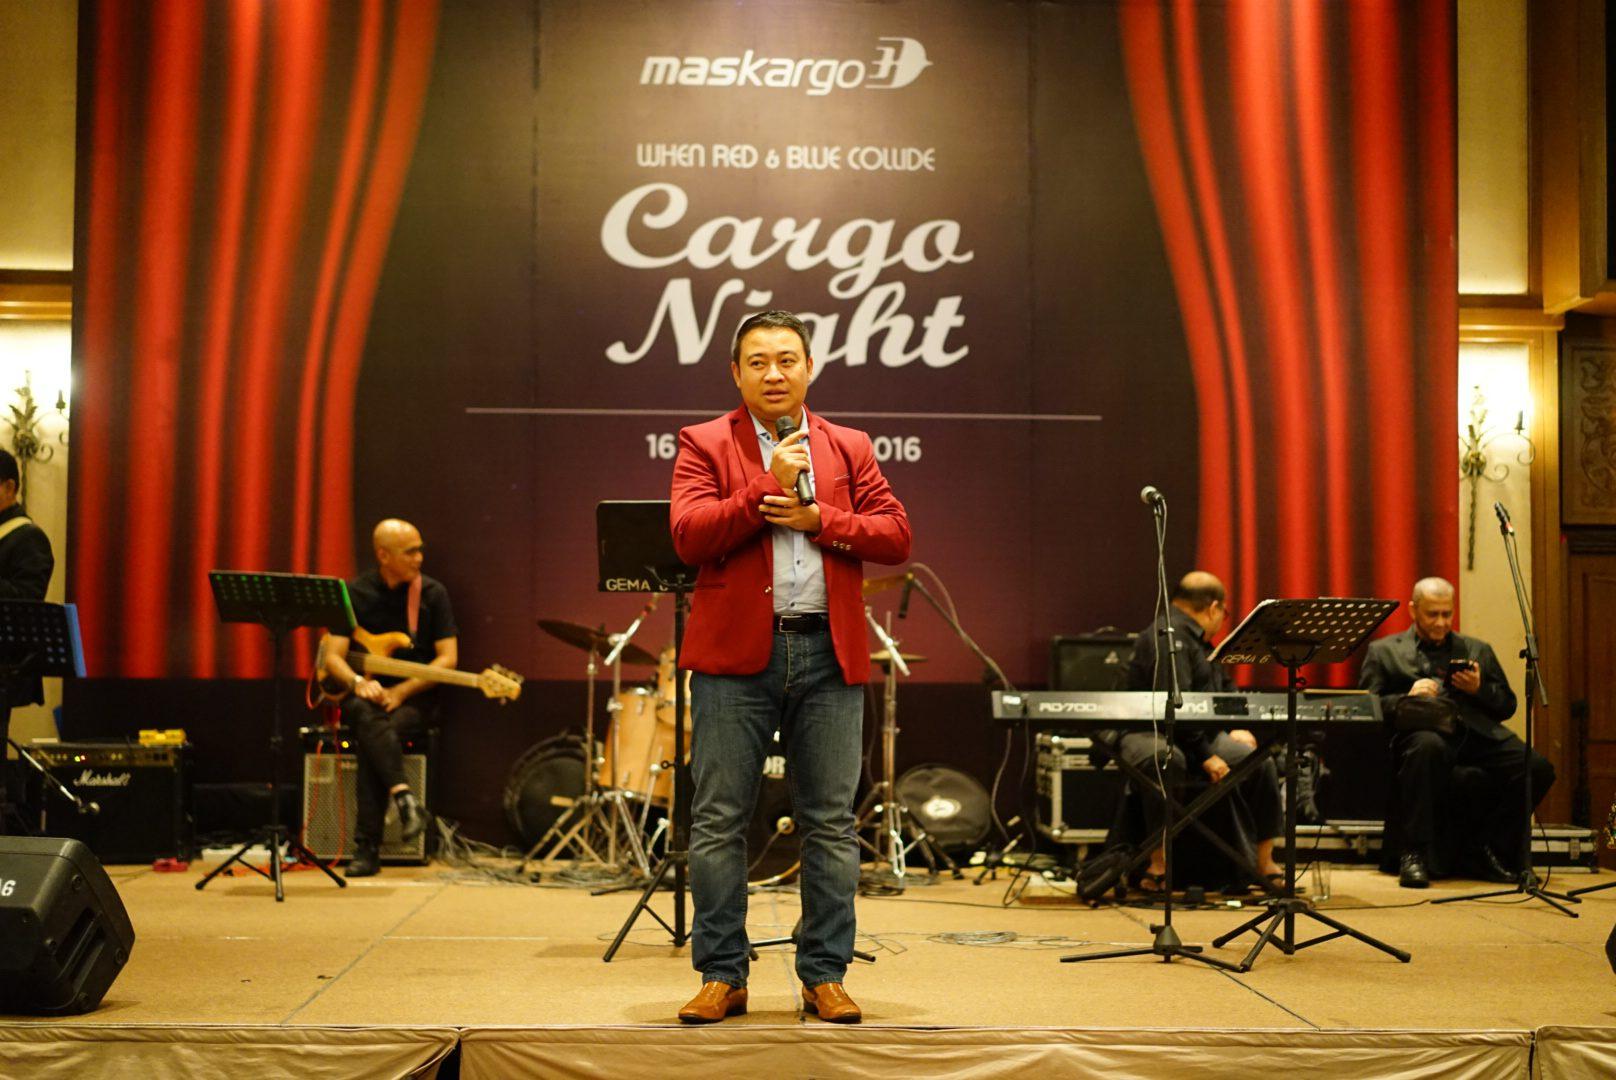 CARGO NIGHT : MASKARGO